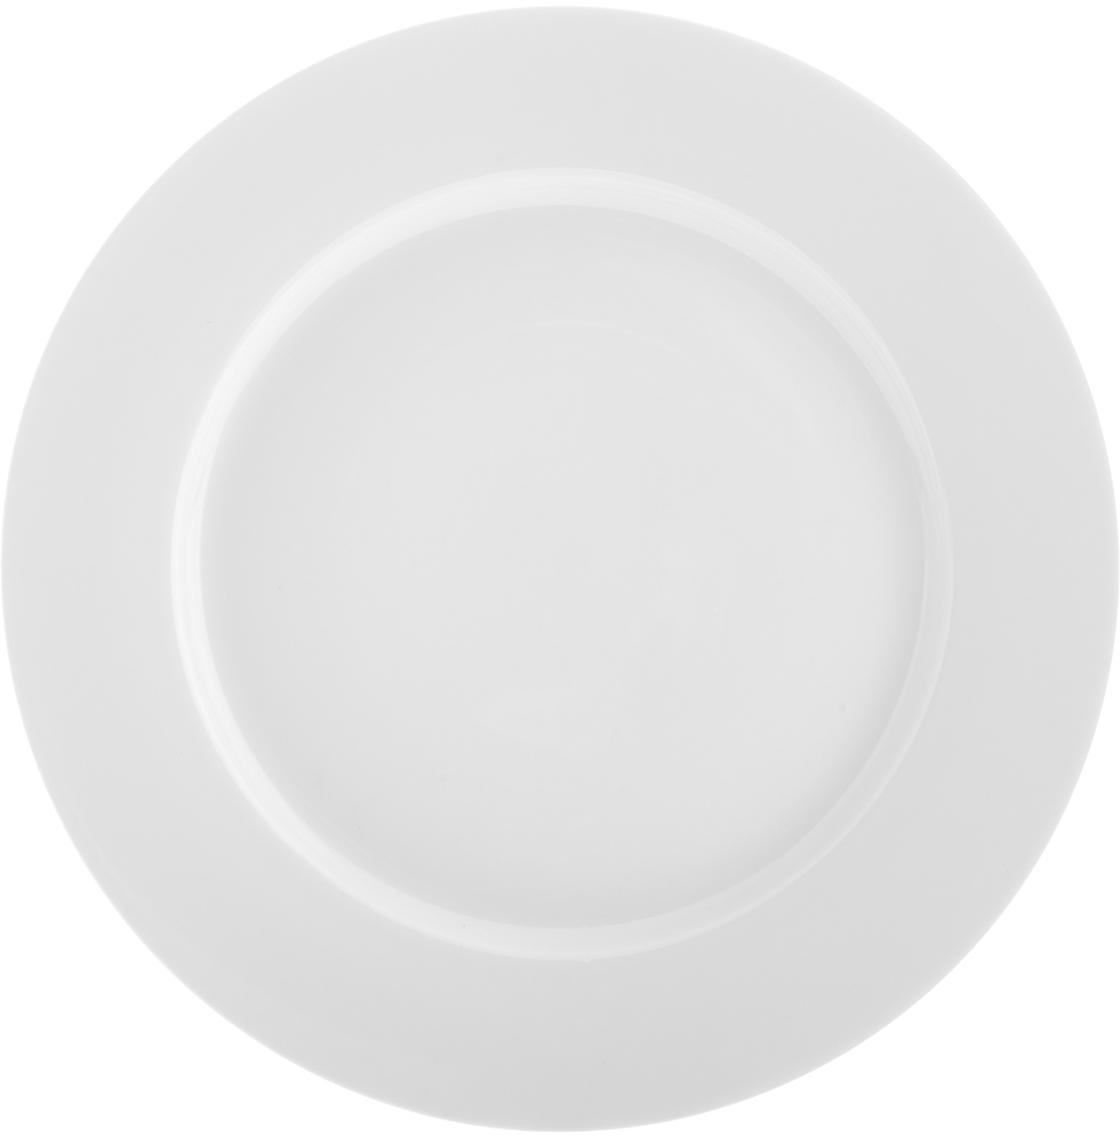 Talerz śniadaniowy Delight Classic, 2 szt., Porcelana, Biały, Ø 23 cm